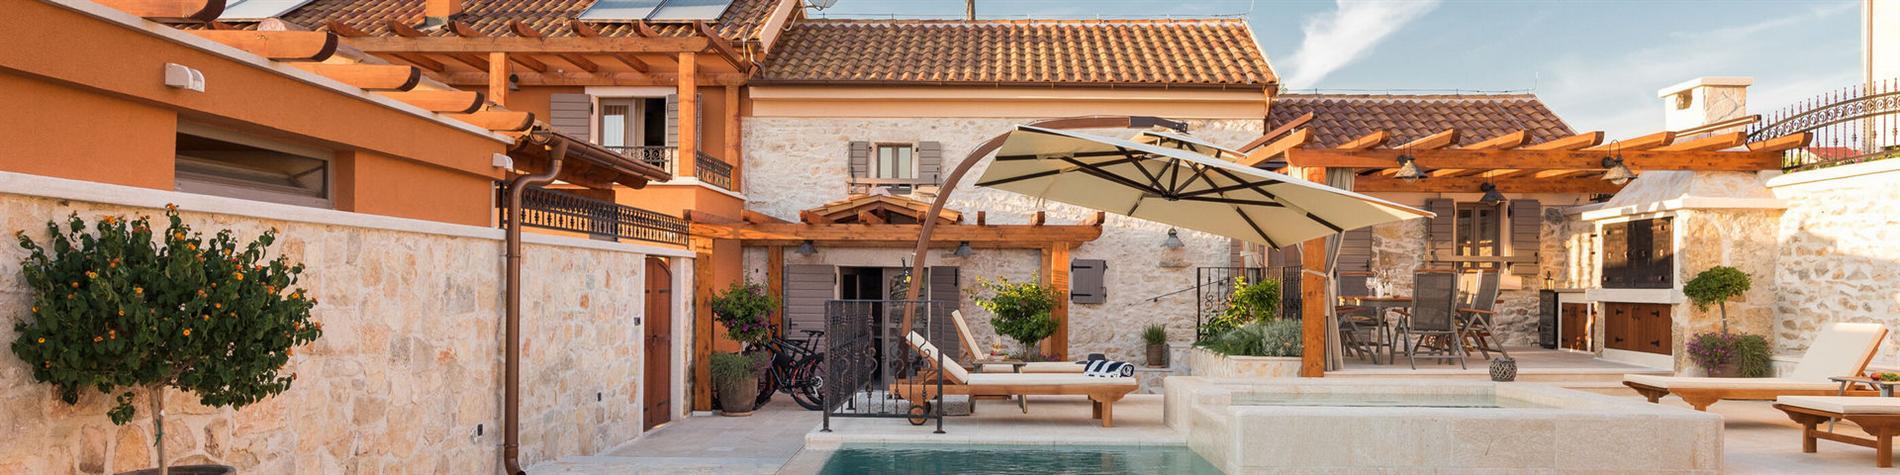 Razgledajte našu ponudu smještaja u Hrvatskoj